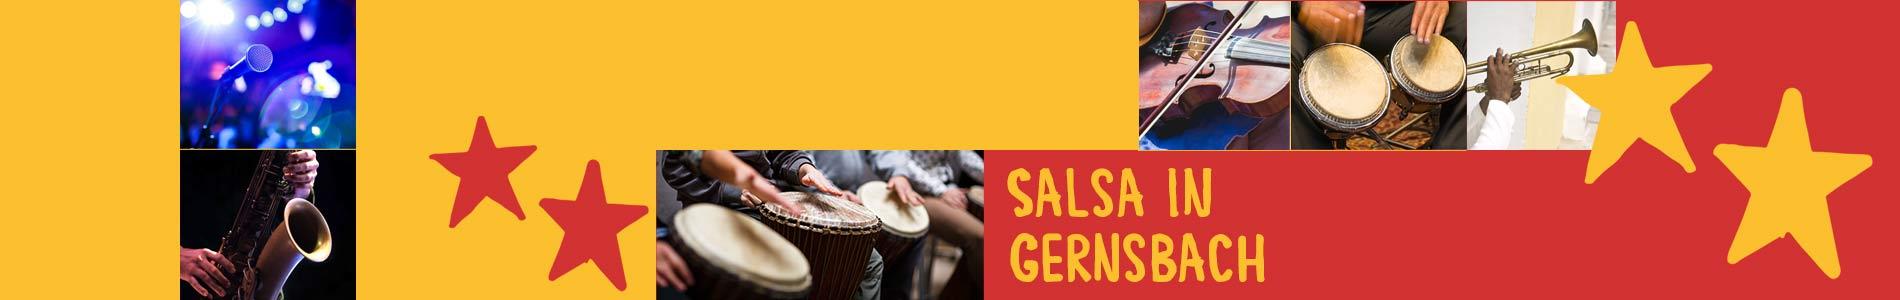 Salsa in Gernsbach – Salsa lernen und tanzen, Tanzkurse, Partys, Veranstaltungen